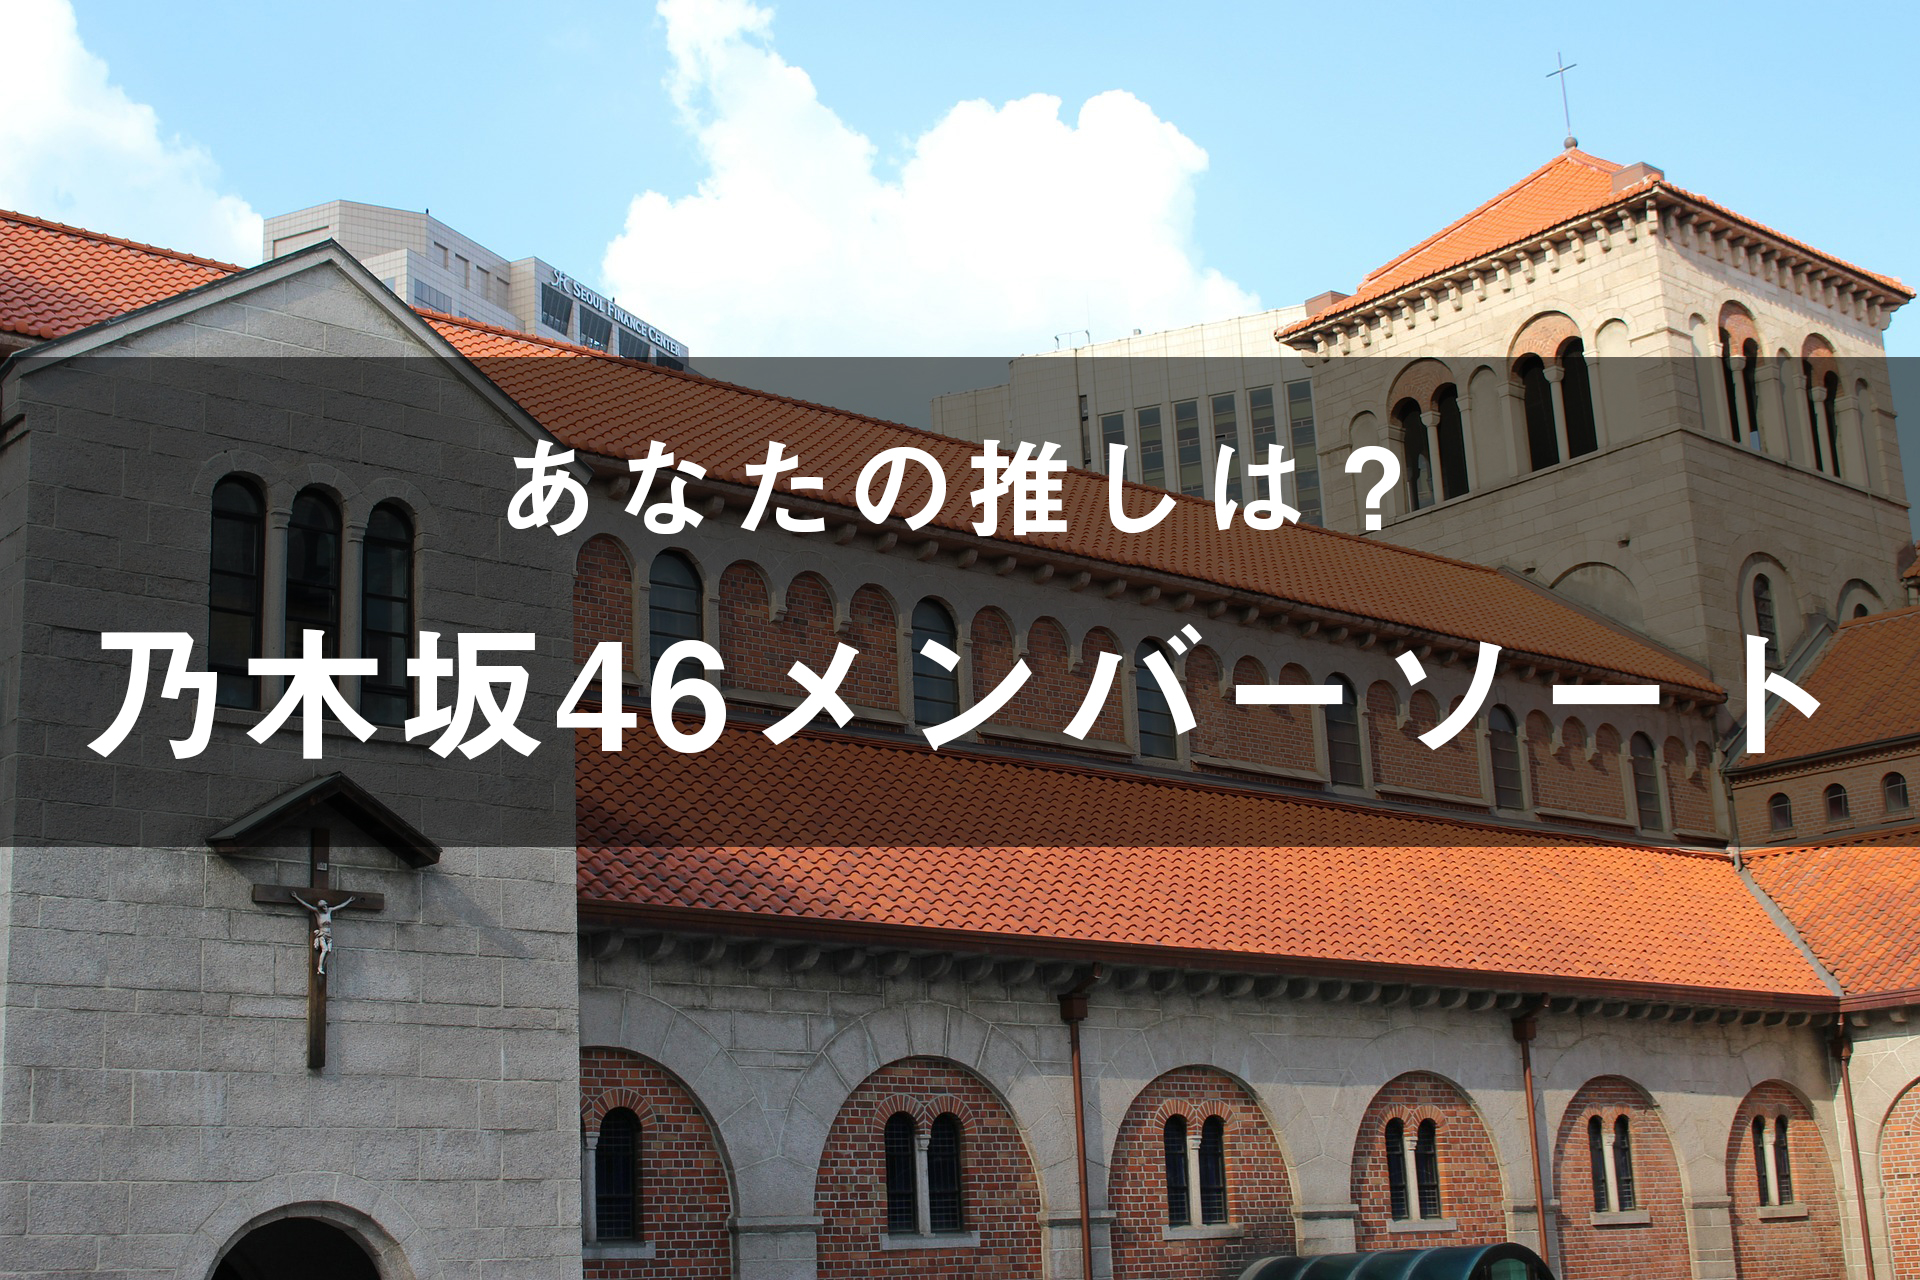 乃木坂46のメンバーソート(画像付き)